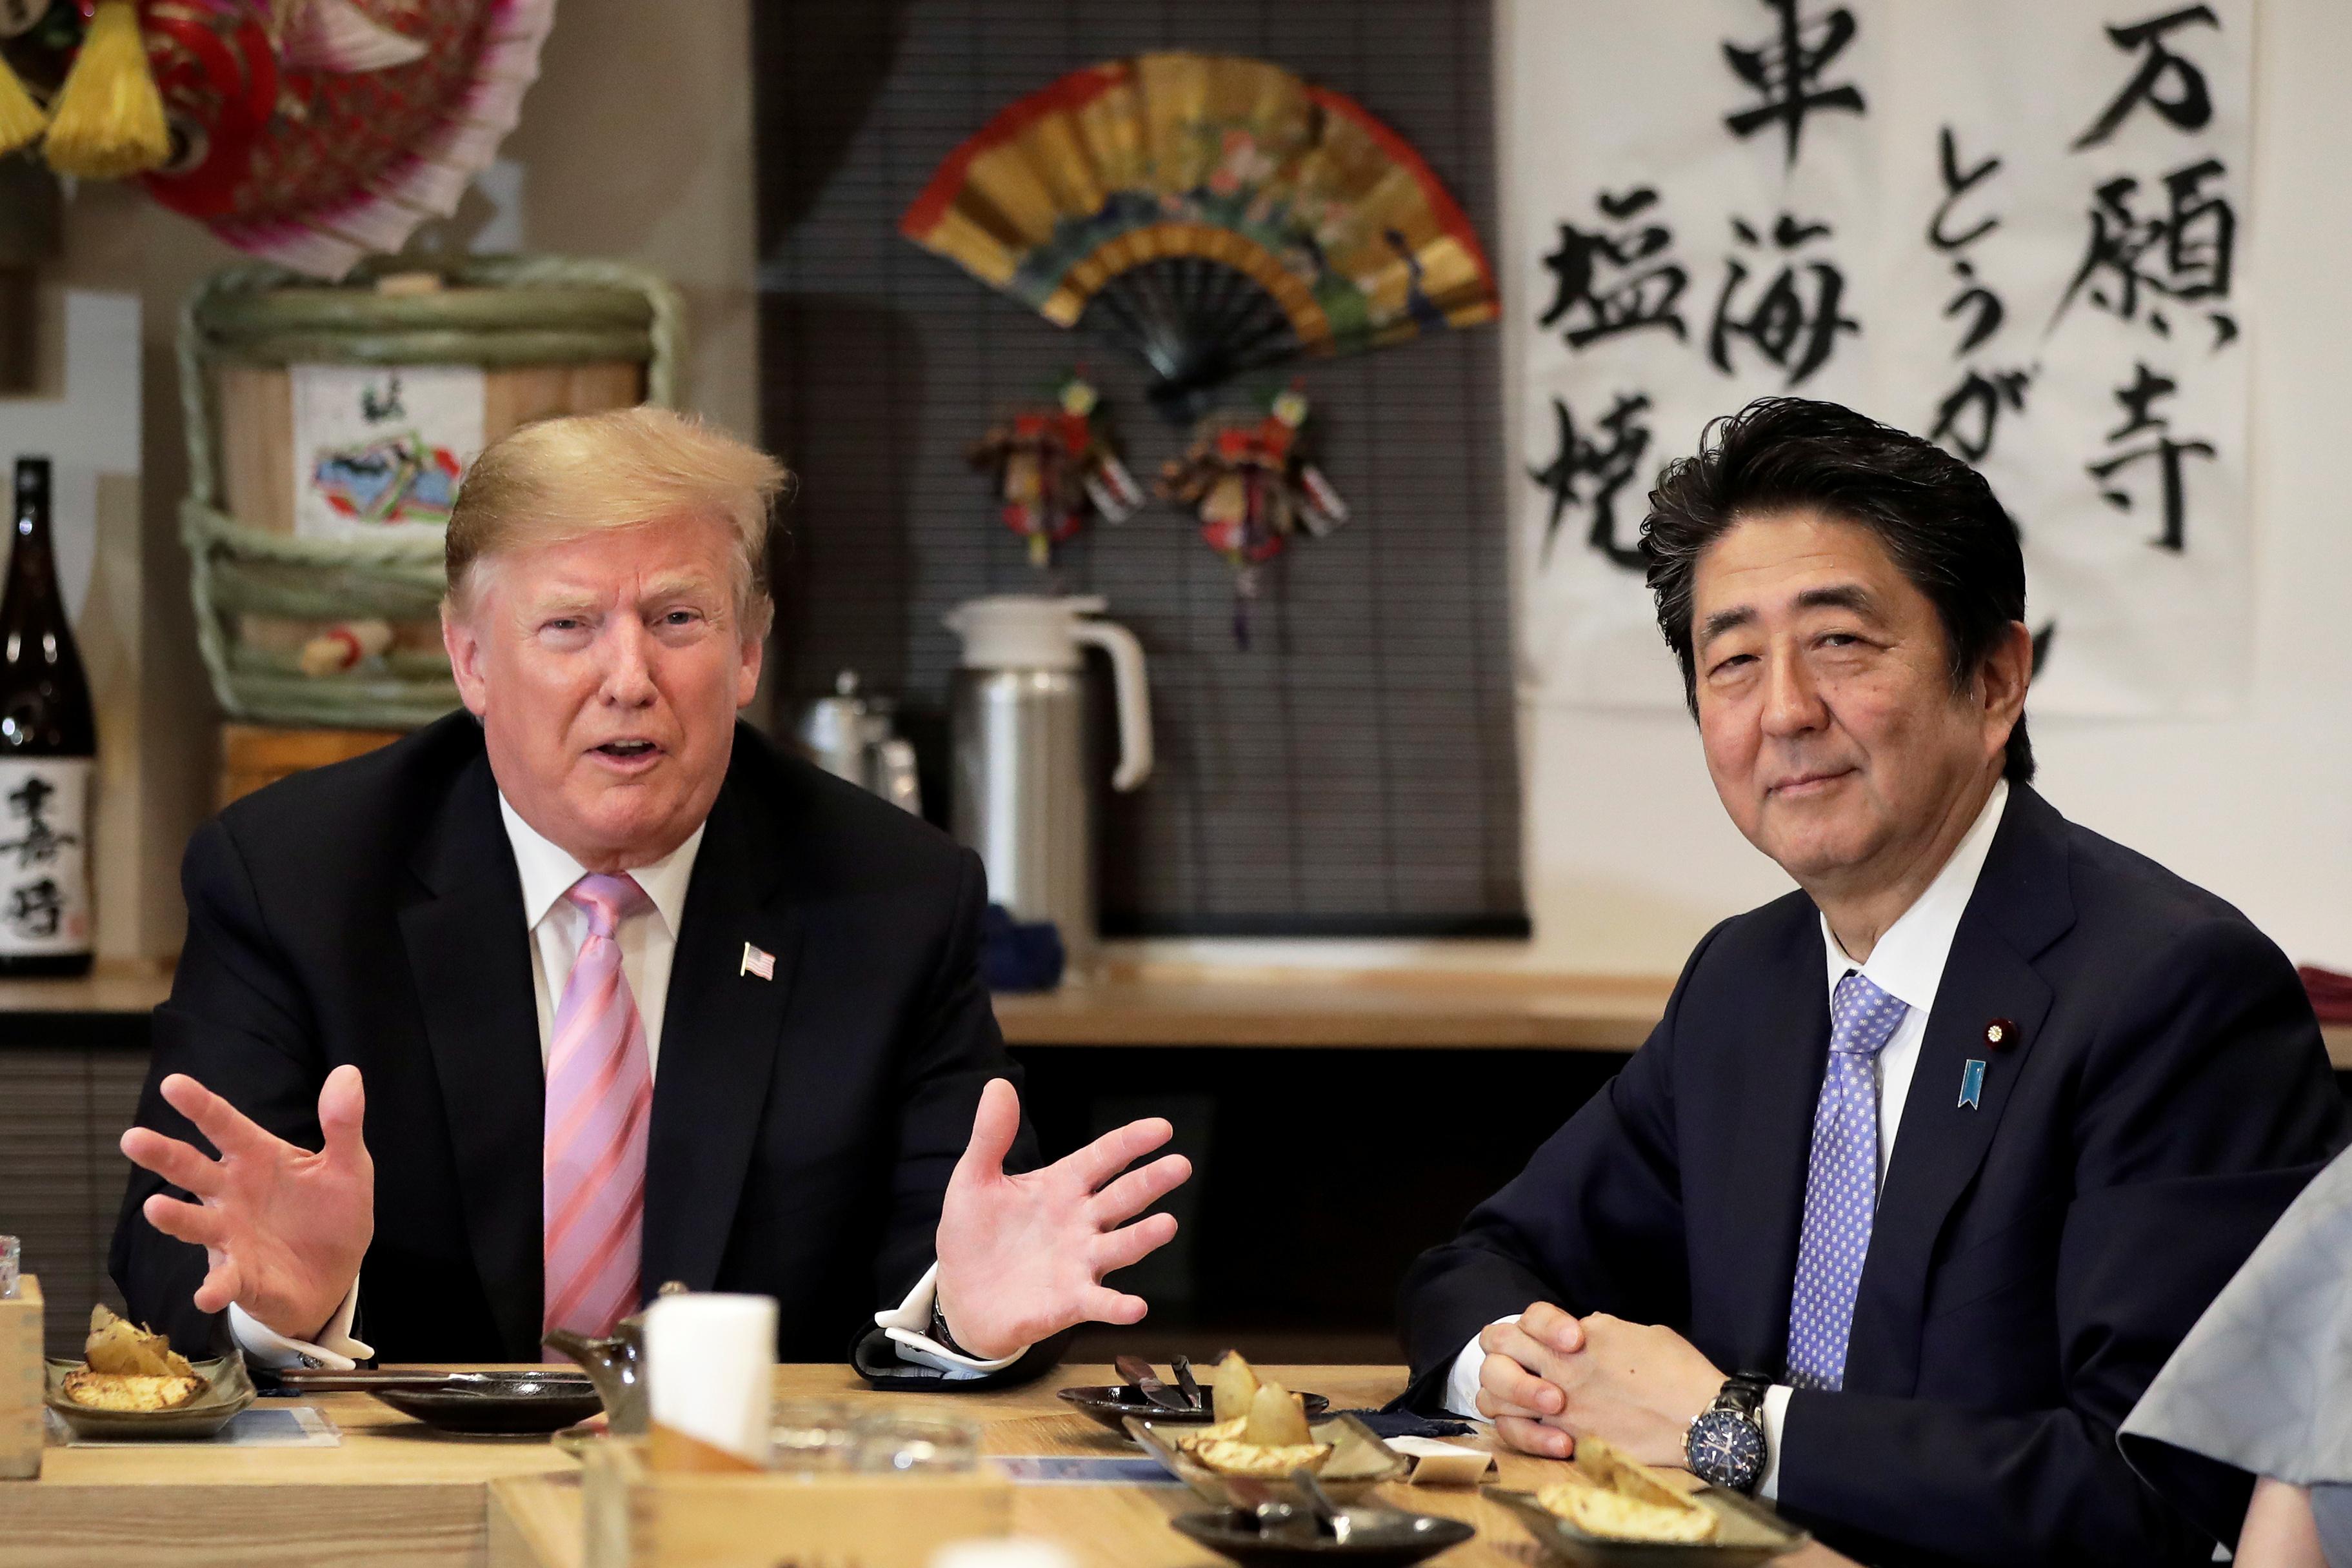 """""""Me gustaría dar las gracias. Fue una velada increíble en elsumo"""", se entusiasmó Donald Trump más tarde, en un restaurante con su esposa y la pareja Abe. """"Es un deporte muy antiguo y siempre quise versumo"""""""